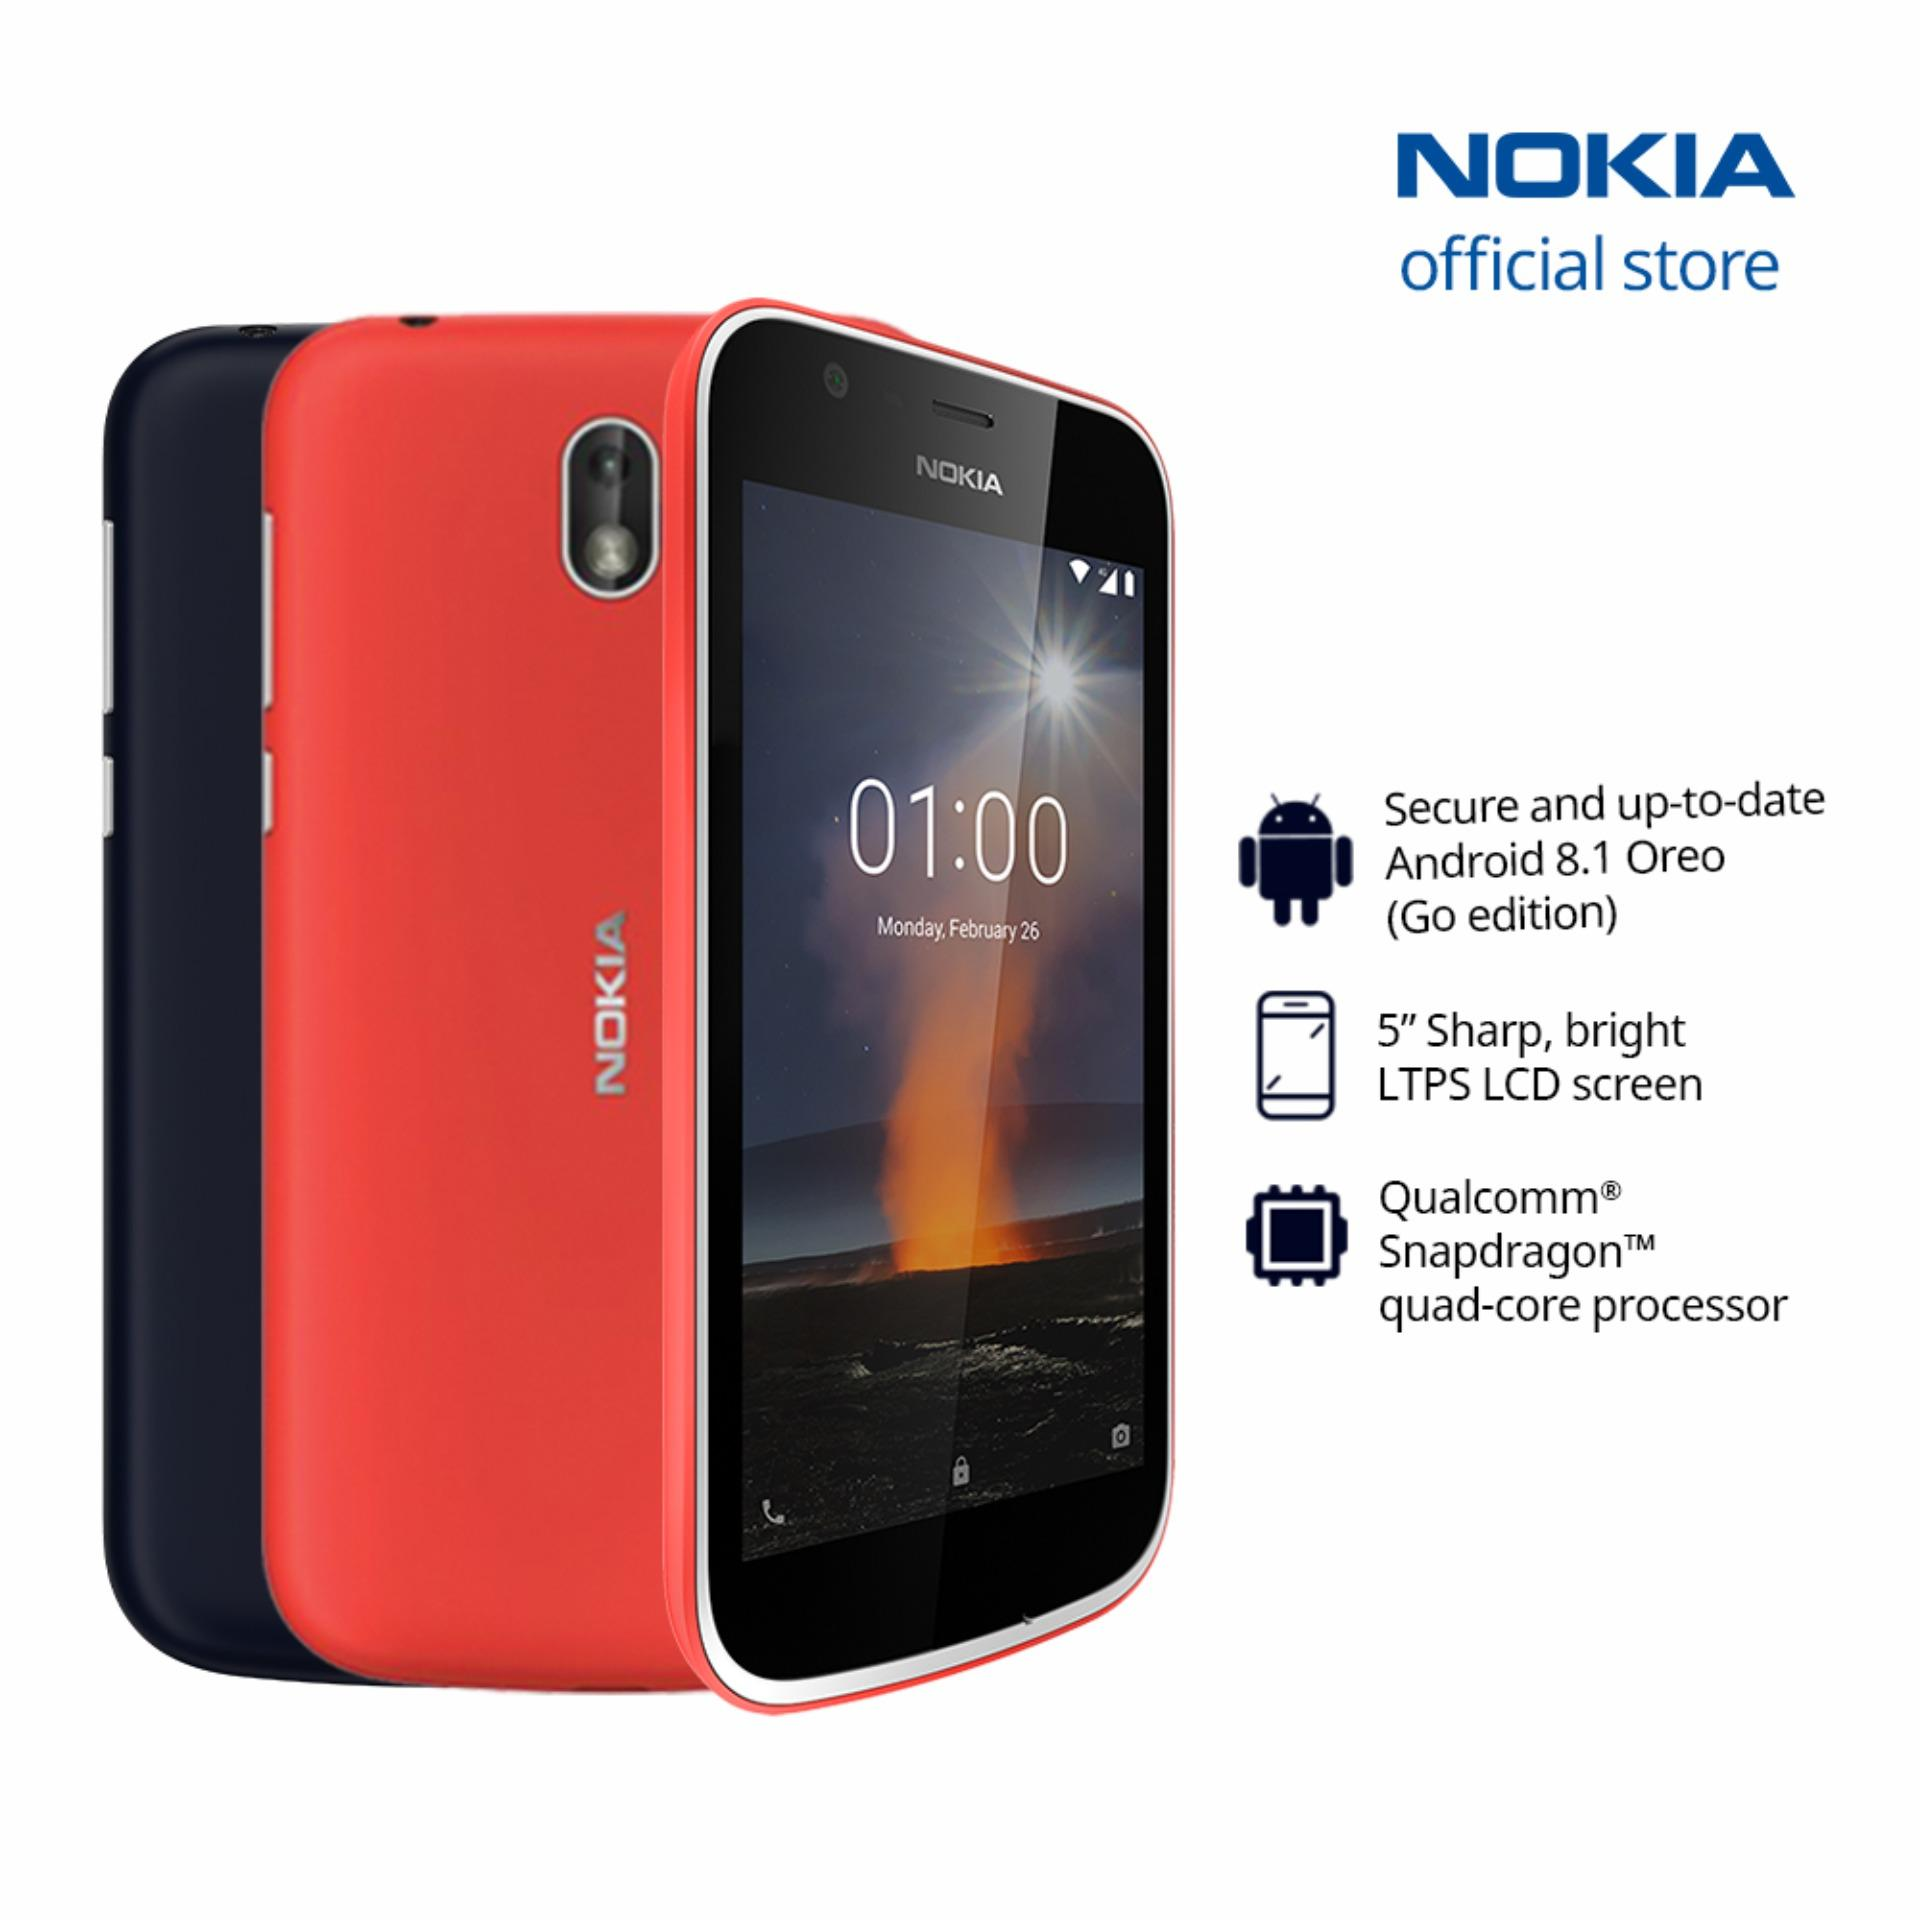 Nokia Philippines Price List Phones Smartphones Luna Navy Nokha Sneakers Women 38 1 1gb 8gb